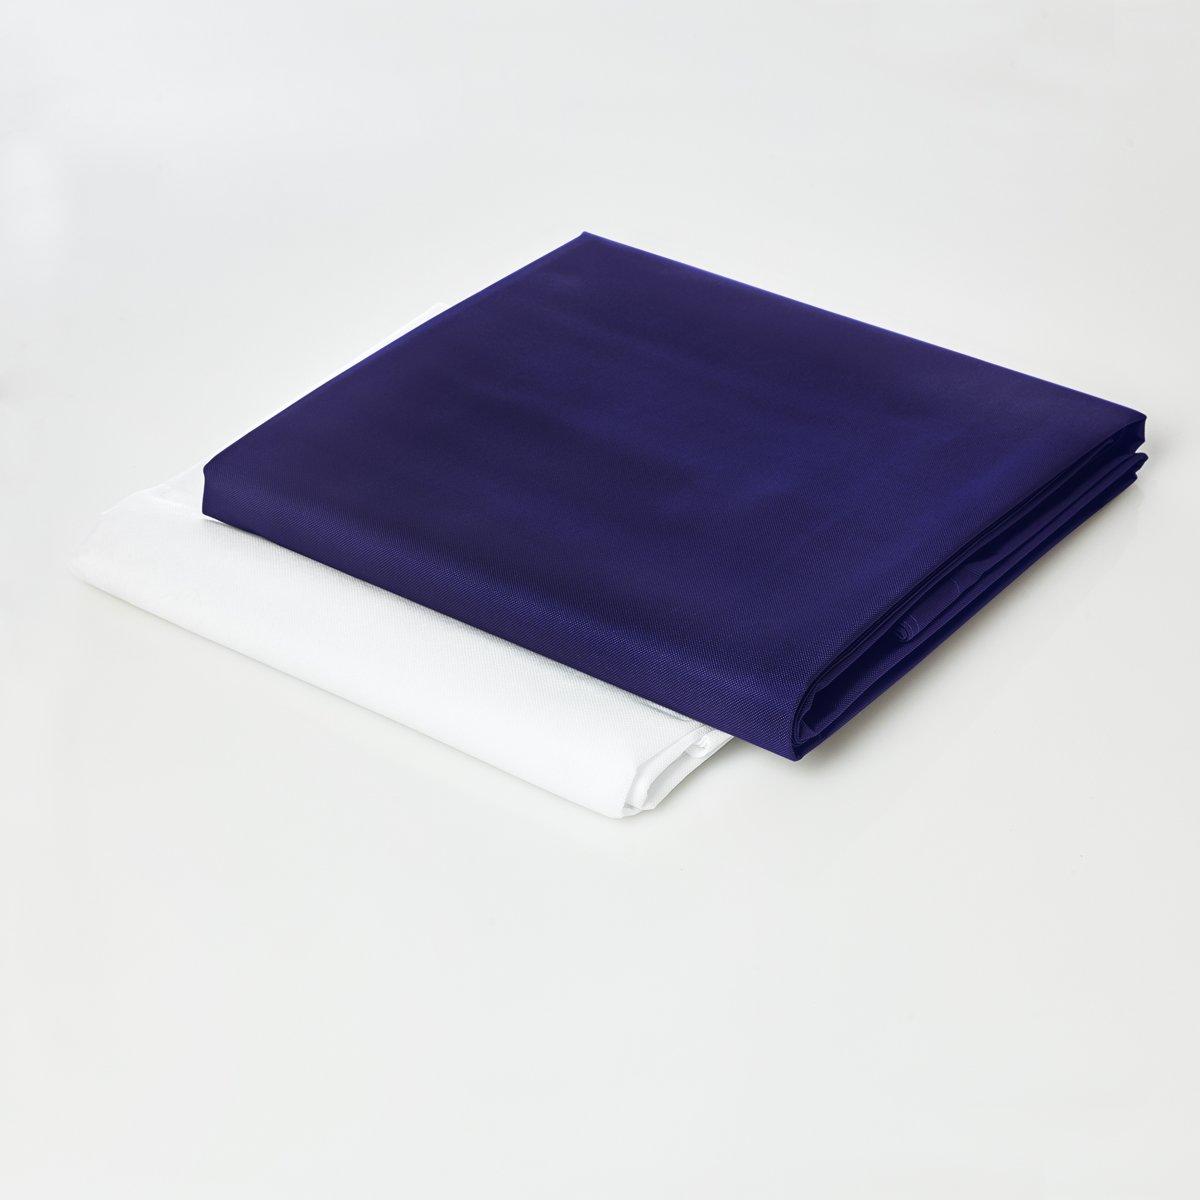 Lumaland - Hoes van luxe XXL zitzak - enkel de hoes zonder vulling - Volume 380 liter - 140 x 180 cm - gemaakt van PVC / Polyester - Donkerblauw kopen